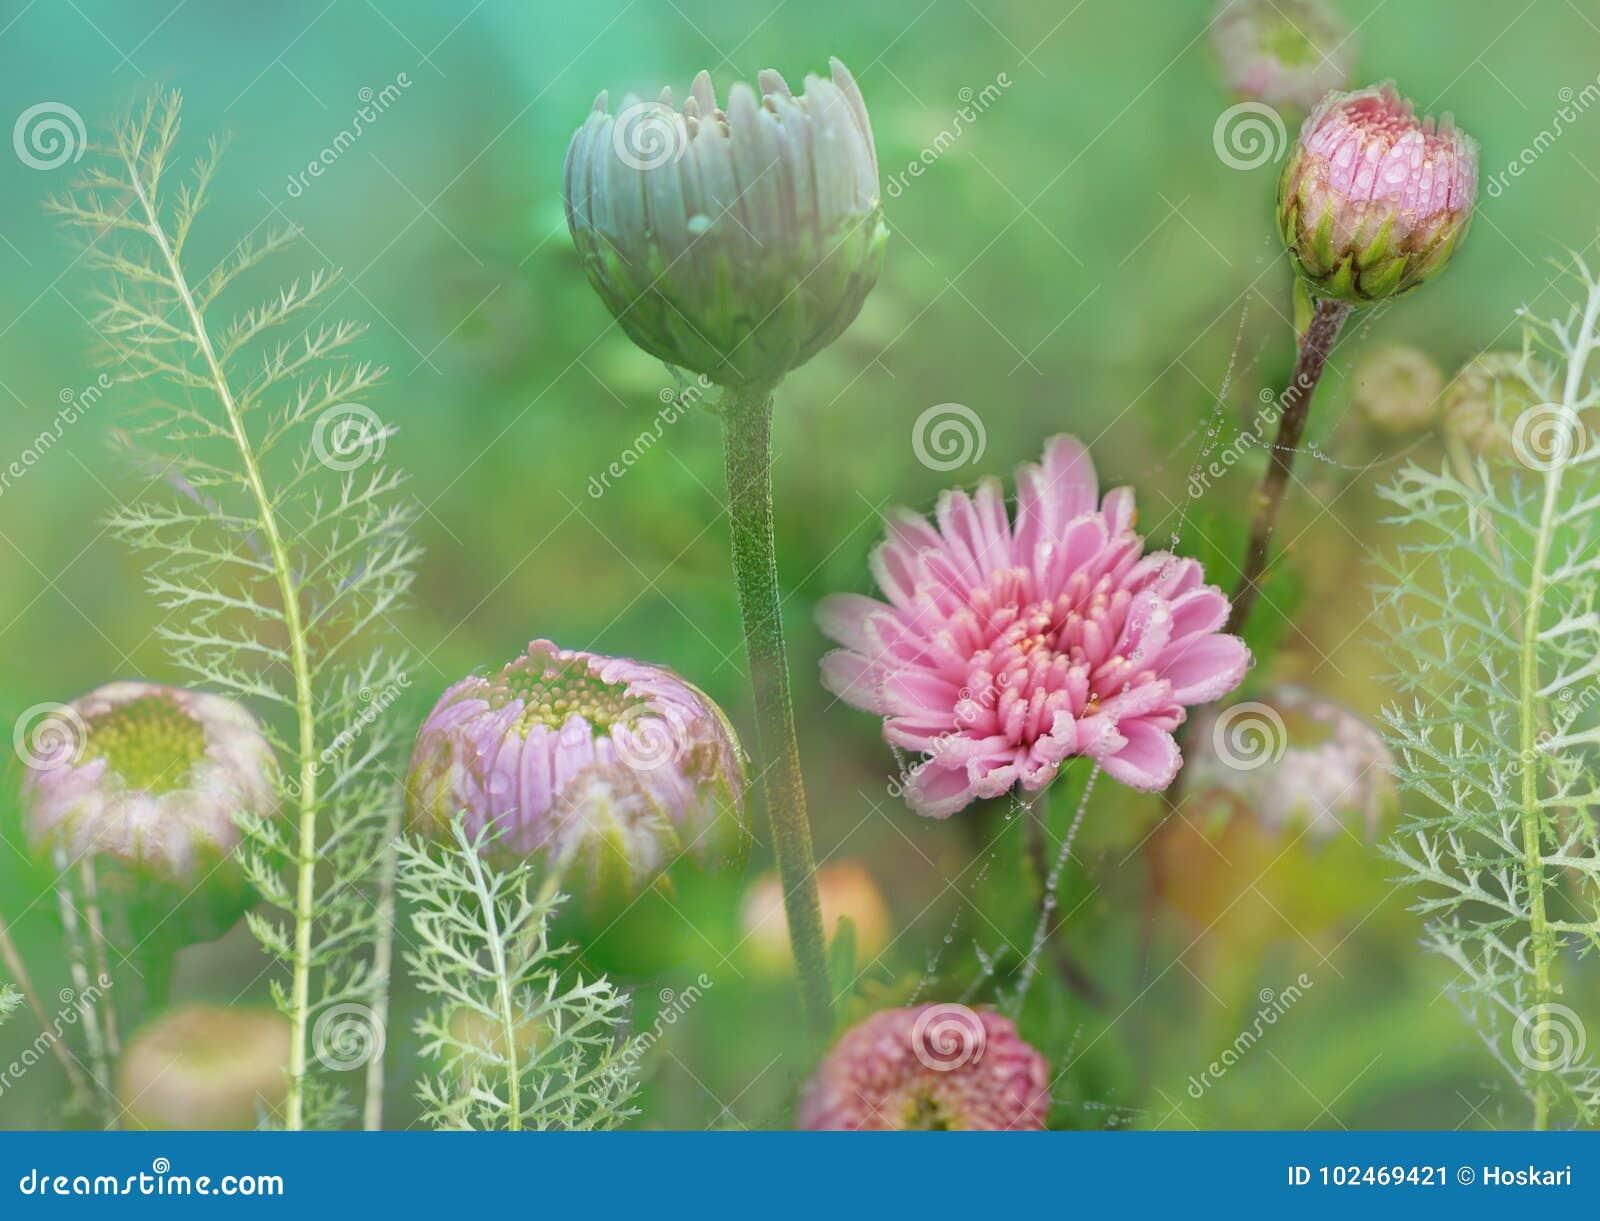 Florezca con el crisantemo y la milenrama, prado floral, planta el ejemplo floral decorativo del fondo, apacible y frágil, a flor